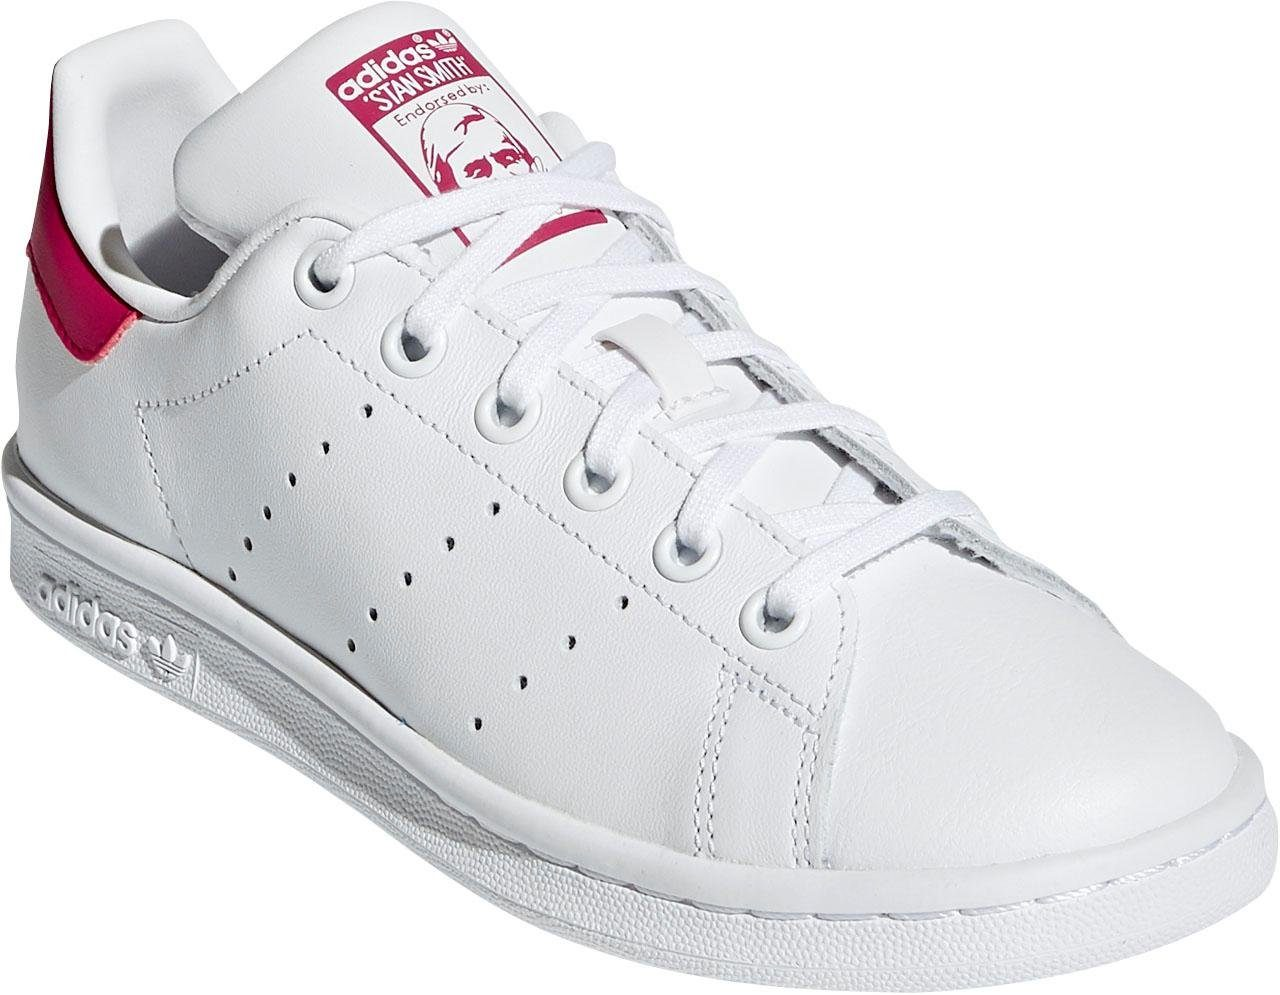 adidas Originals »Stan Smith« Sneaker kaufen | OTTO